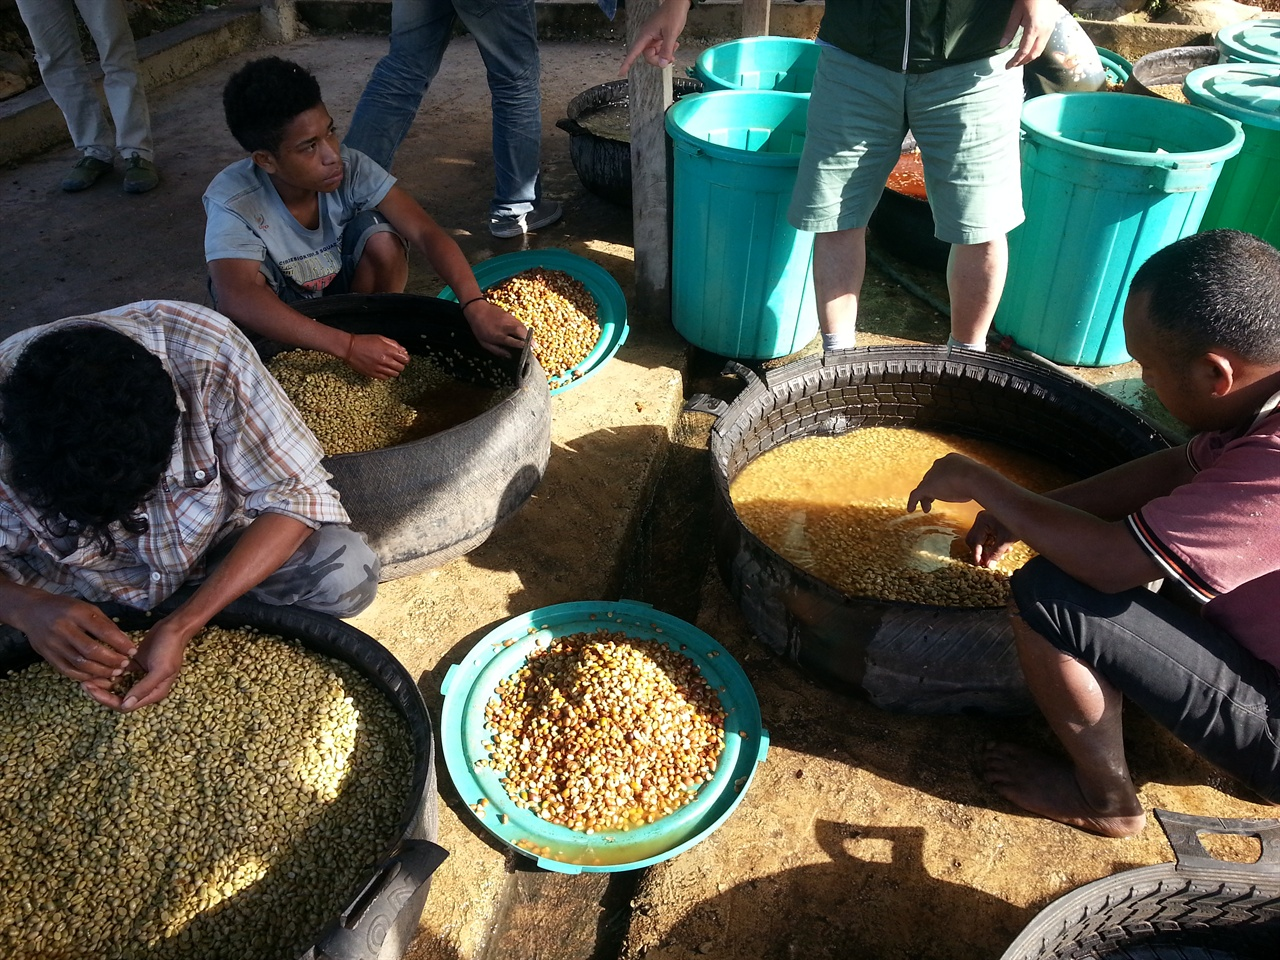 제라마 소그룹 조합원과 가족들이 커피가공공장에서 과육을 제거하고 발효한 불량 파치먼트를 가려내고 있다